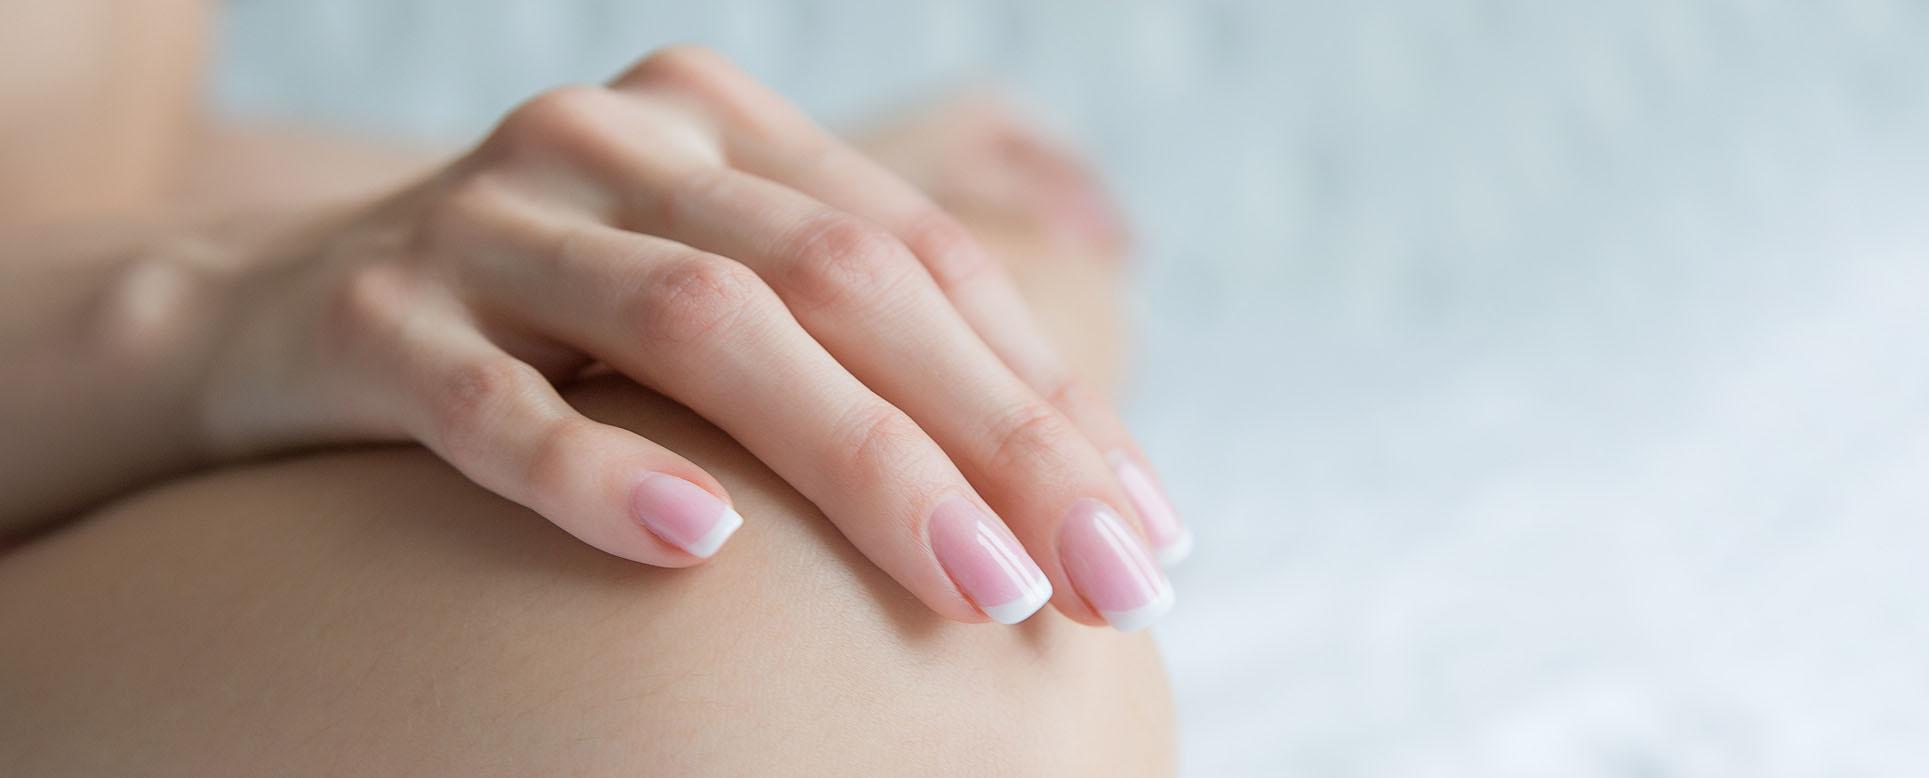 Was fingernaegel ueber unsere gesundheit verraten